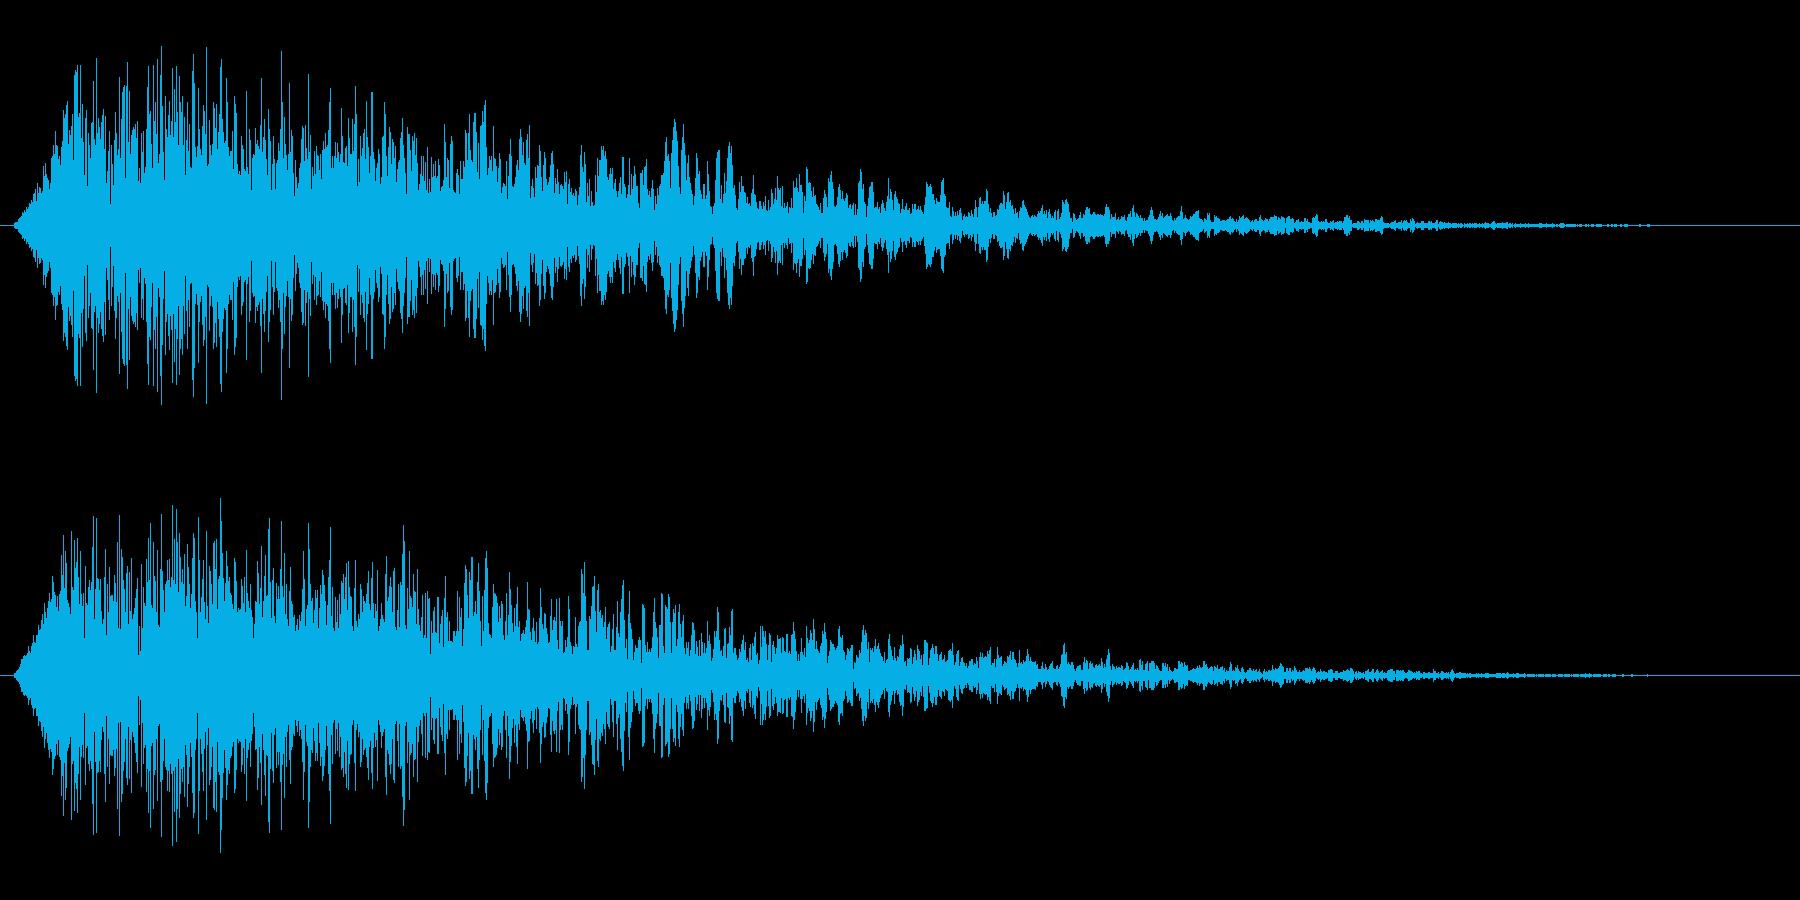 チュッガ〜ン(発射音)の再生済みの波形